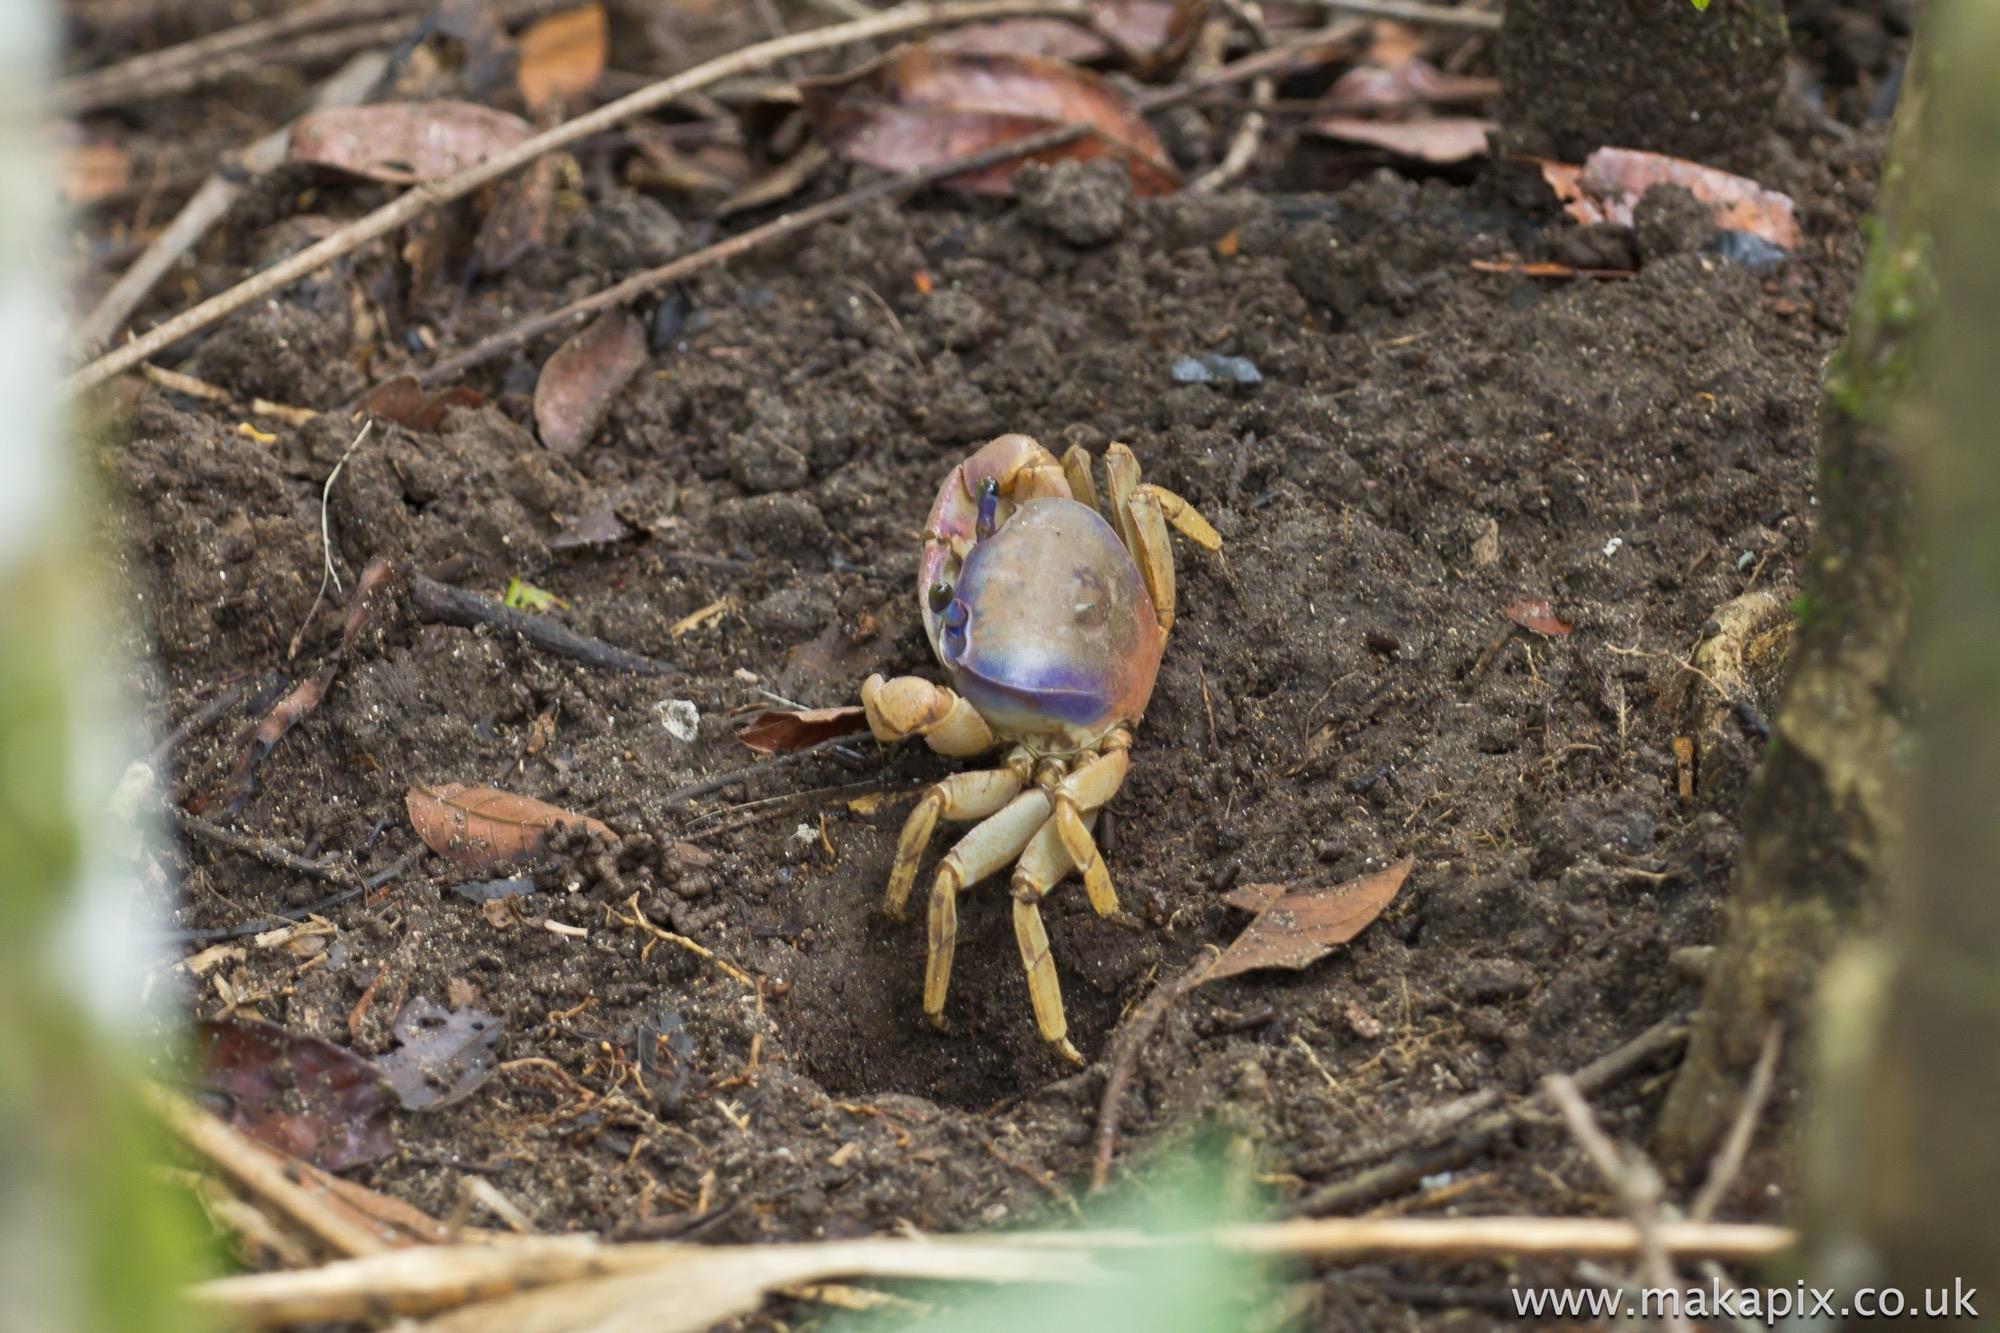 Crab, Costa Rica 2014